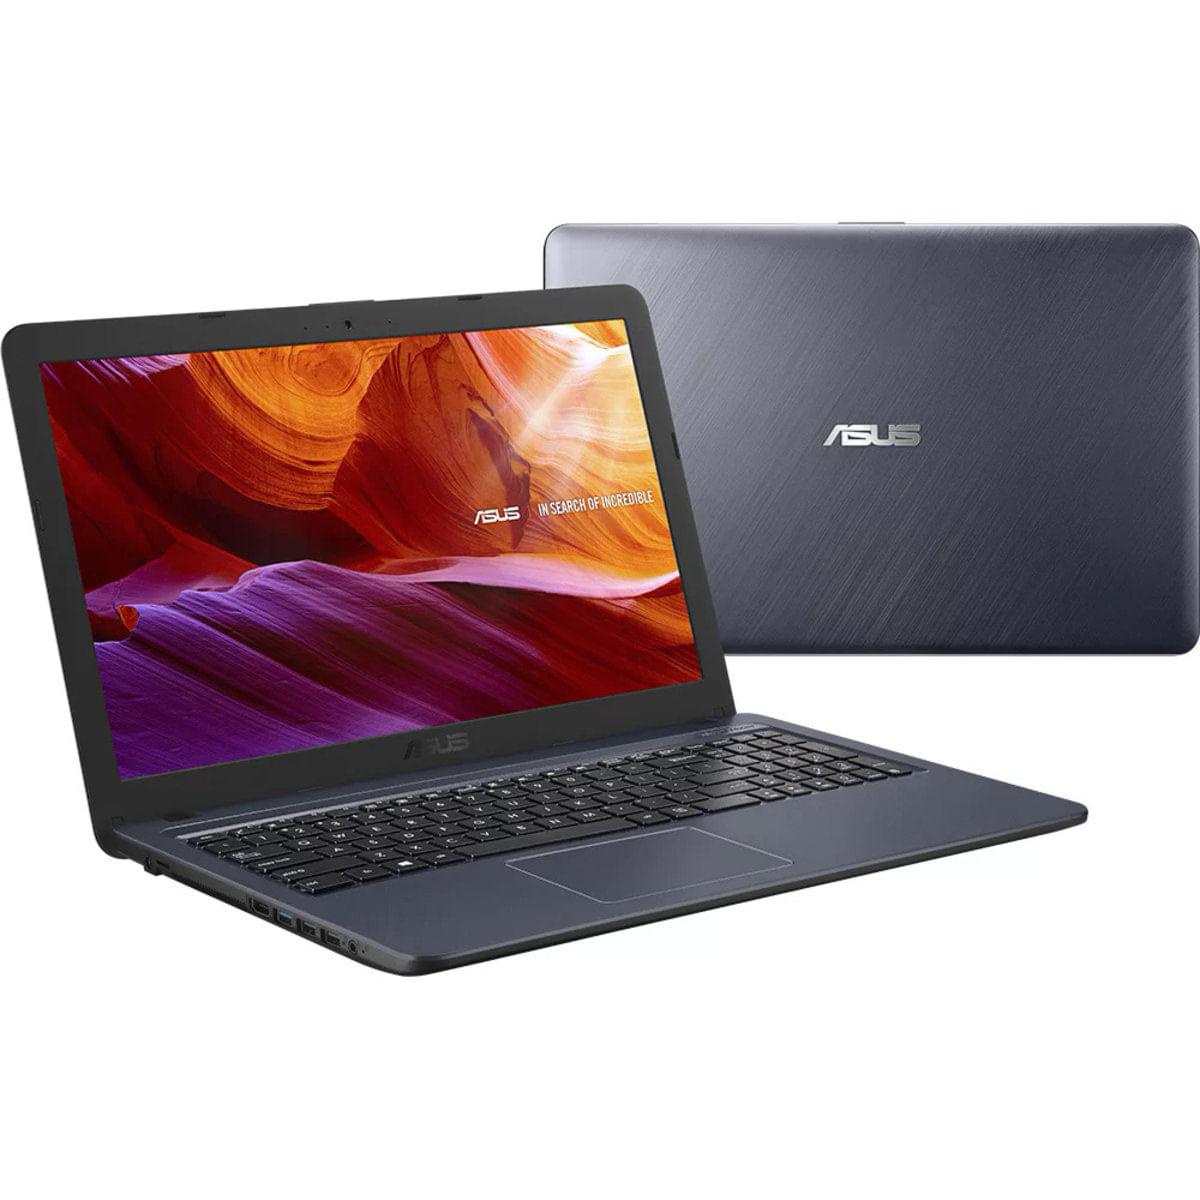 """Notebook - Asus X543ua-go3091t I5-6200u 2.30ghz 8gb 1tb Padrão Intel Hd Graphics Windows 10 Home Vivobook 15,6"""" Polegadas"""